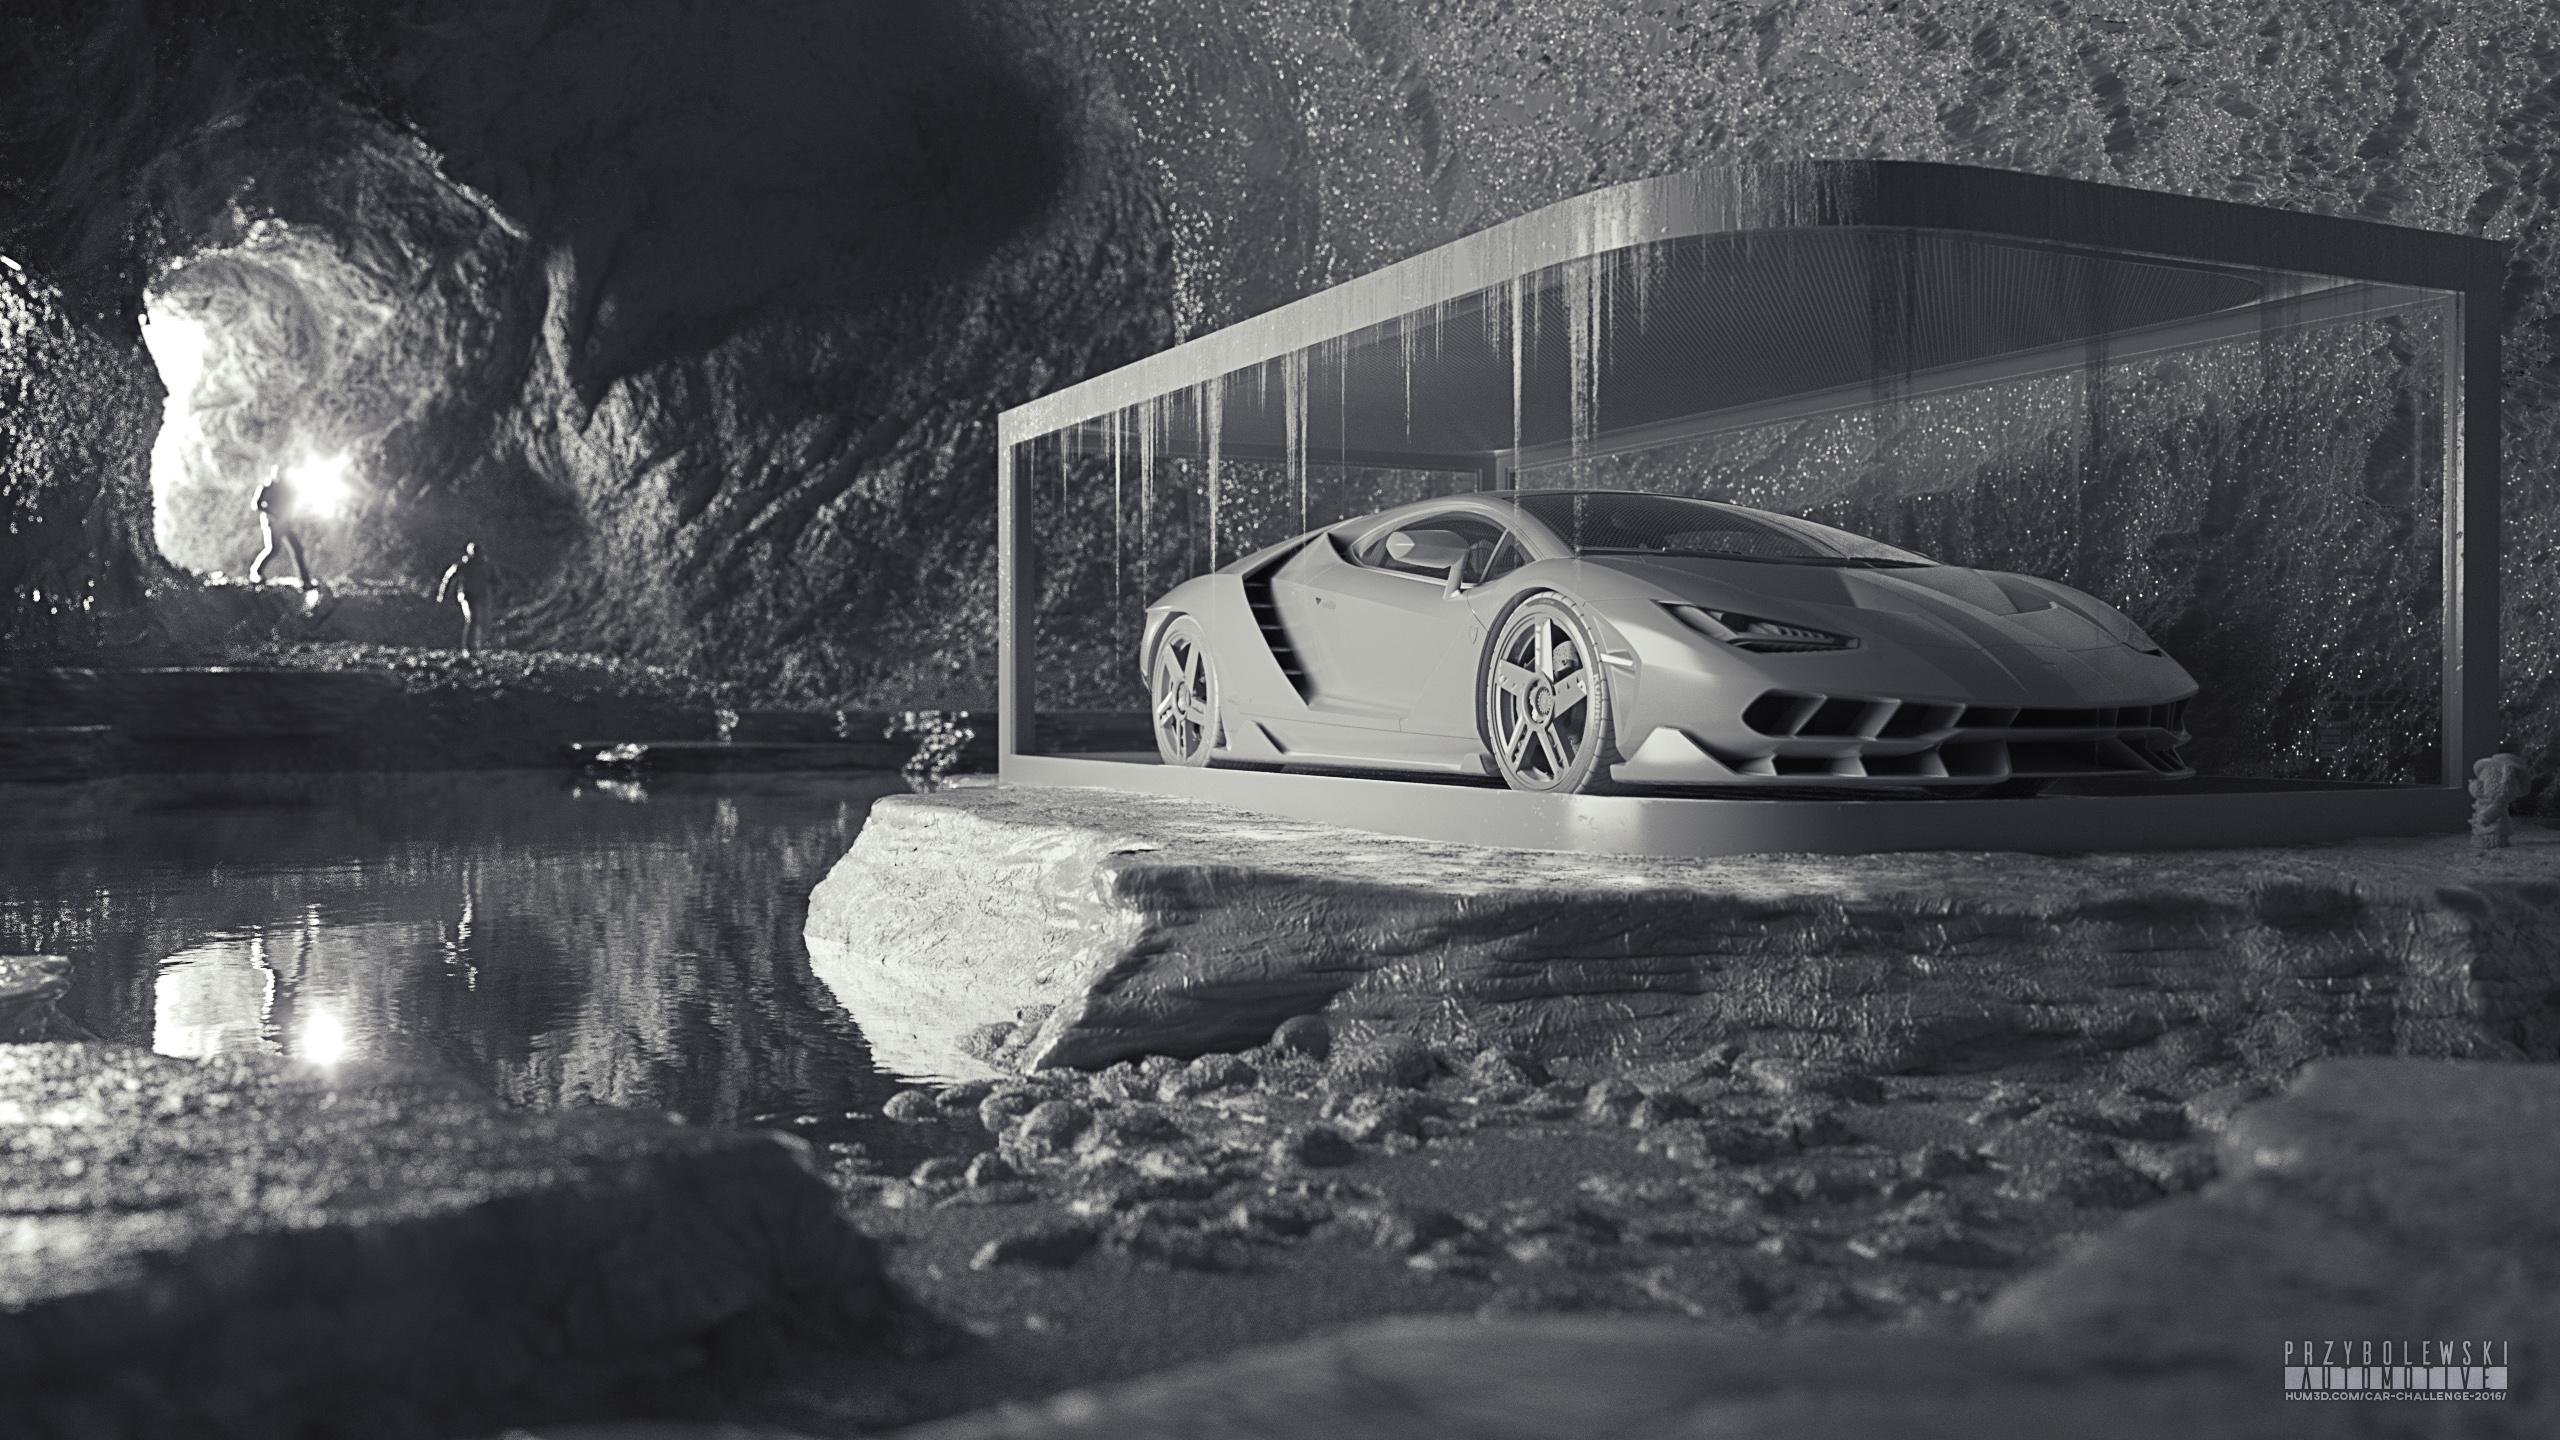 Lamborghini Centenario LP 770-4 - Car Render Challenge 2016